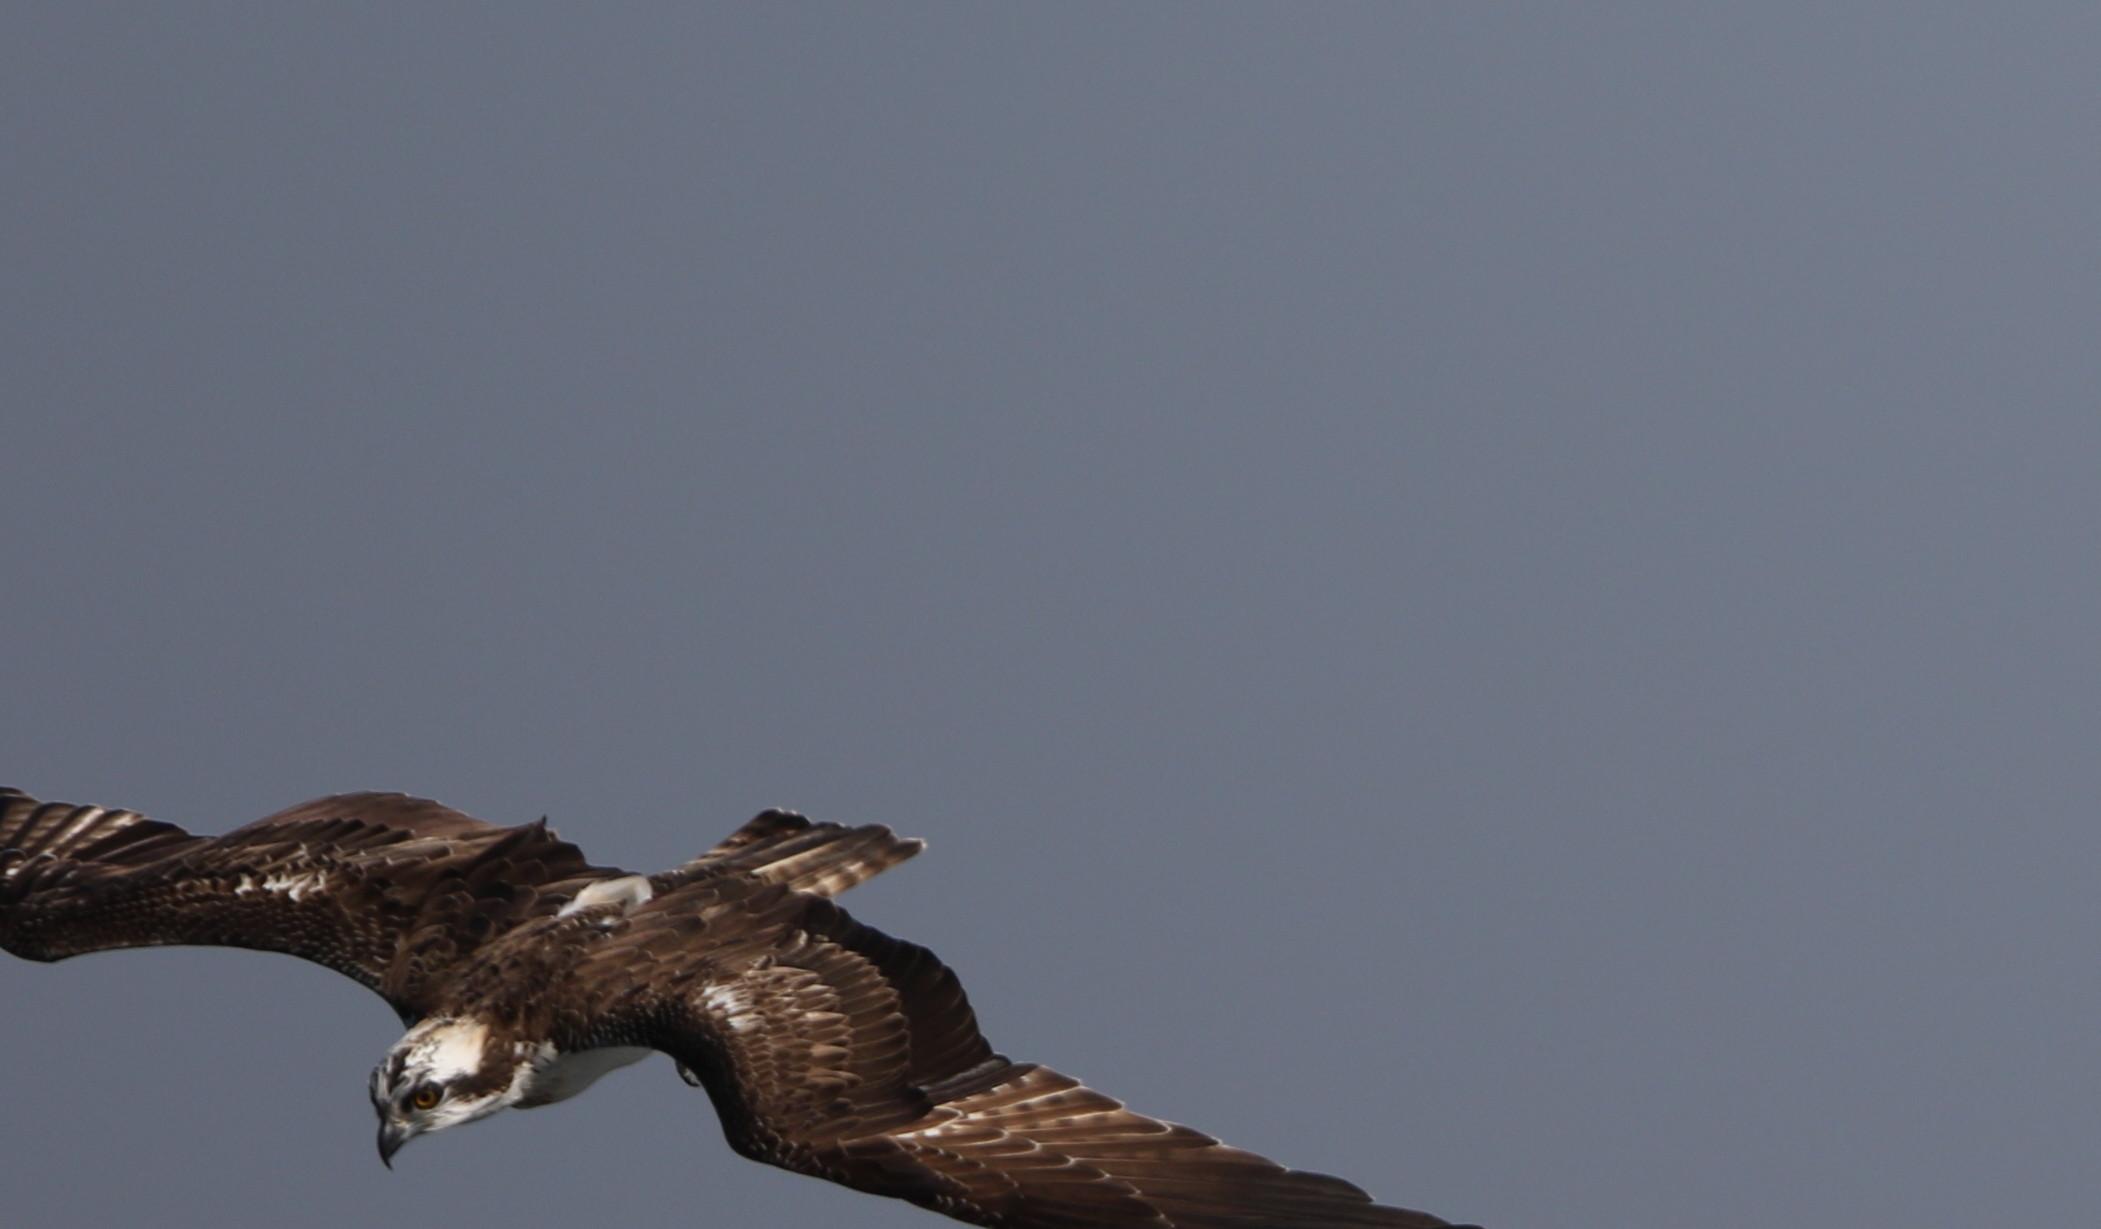 MFの沼でのミサゴ その23 (飛翔)_f0239515_18365025.jpg